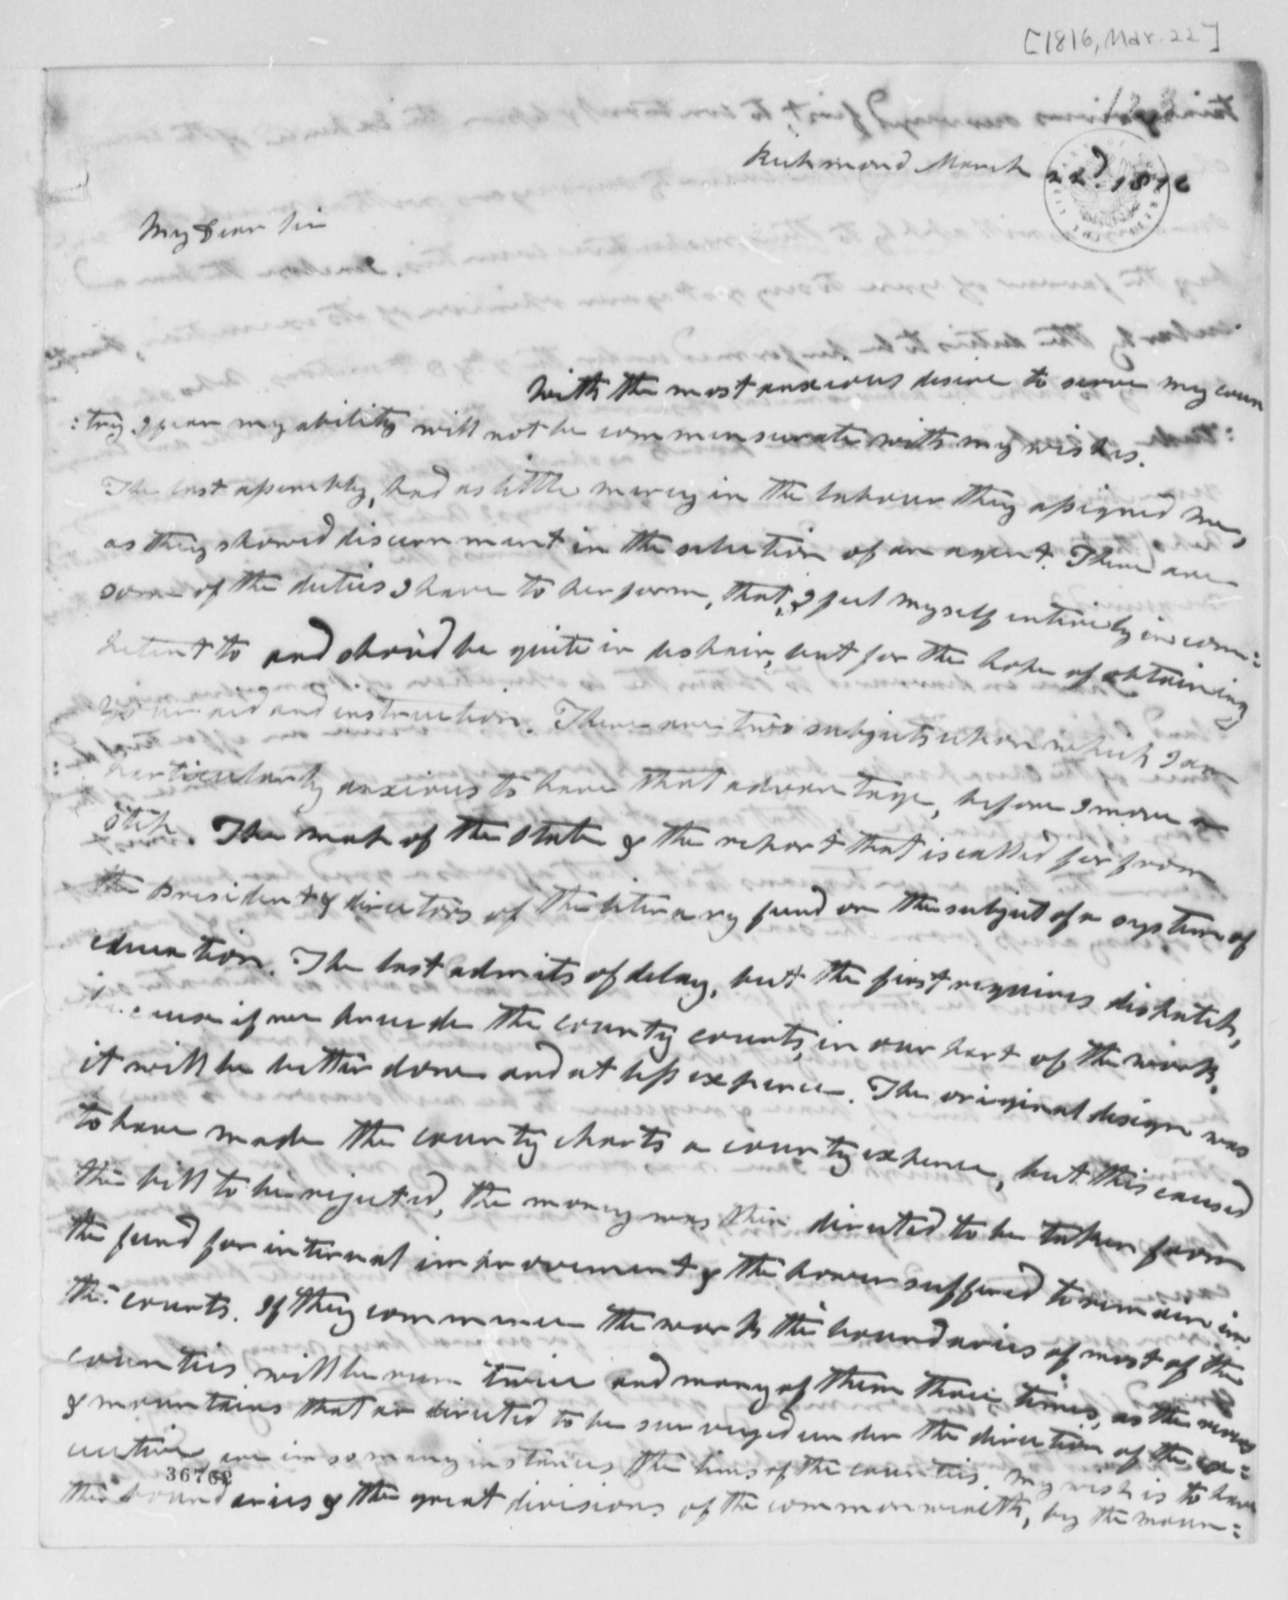 Wilson Cary Nicholas to Thomas Jefferson, March 22, 1816